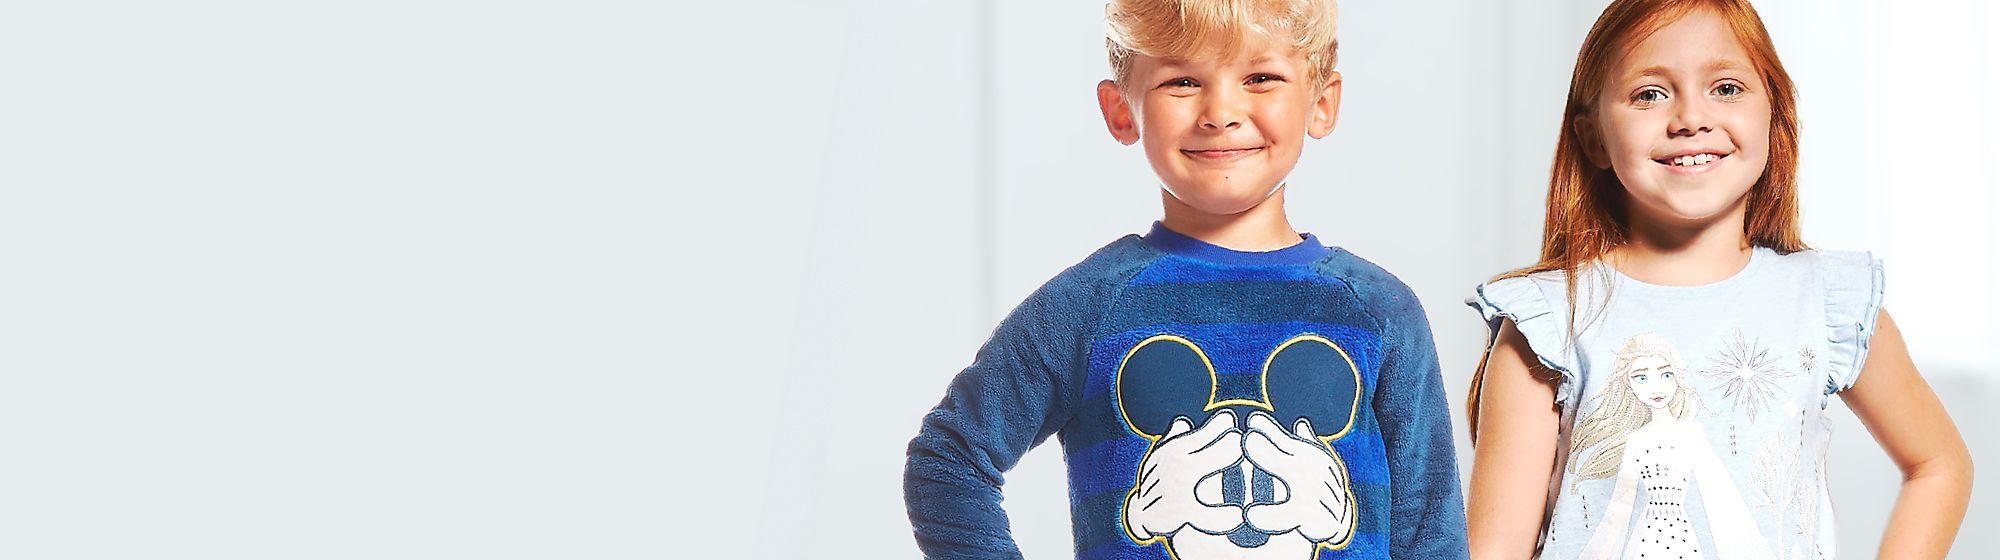 Abbigliamento notte bimbi I più piccoli potranno sognare meravigliose avventure con pigiami, camicie da notte e altro ancora prodotti da Disney